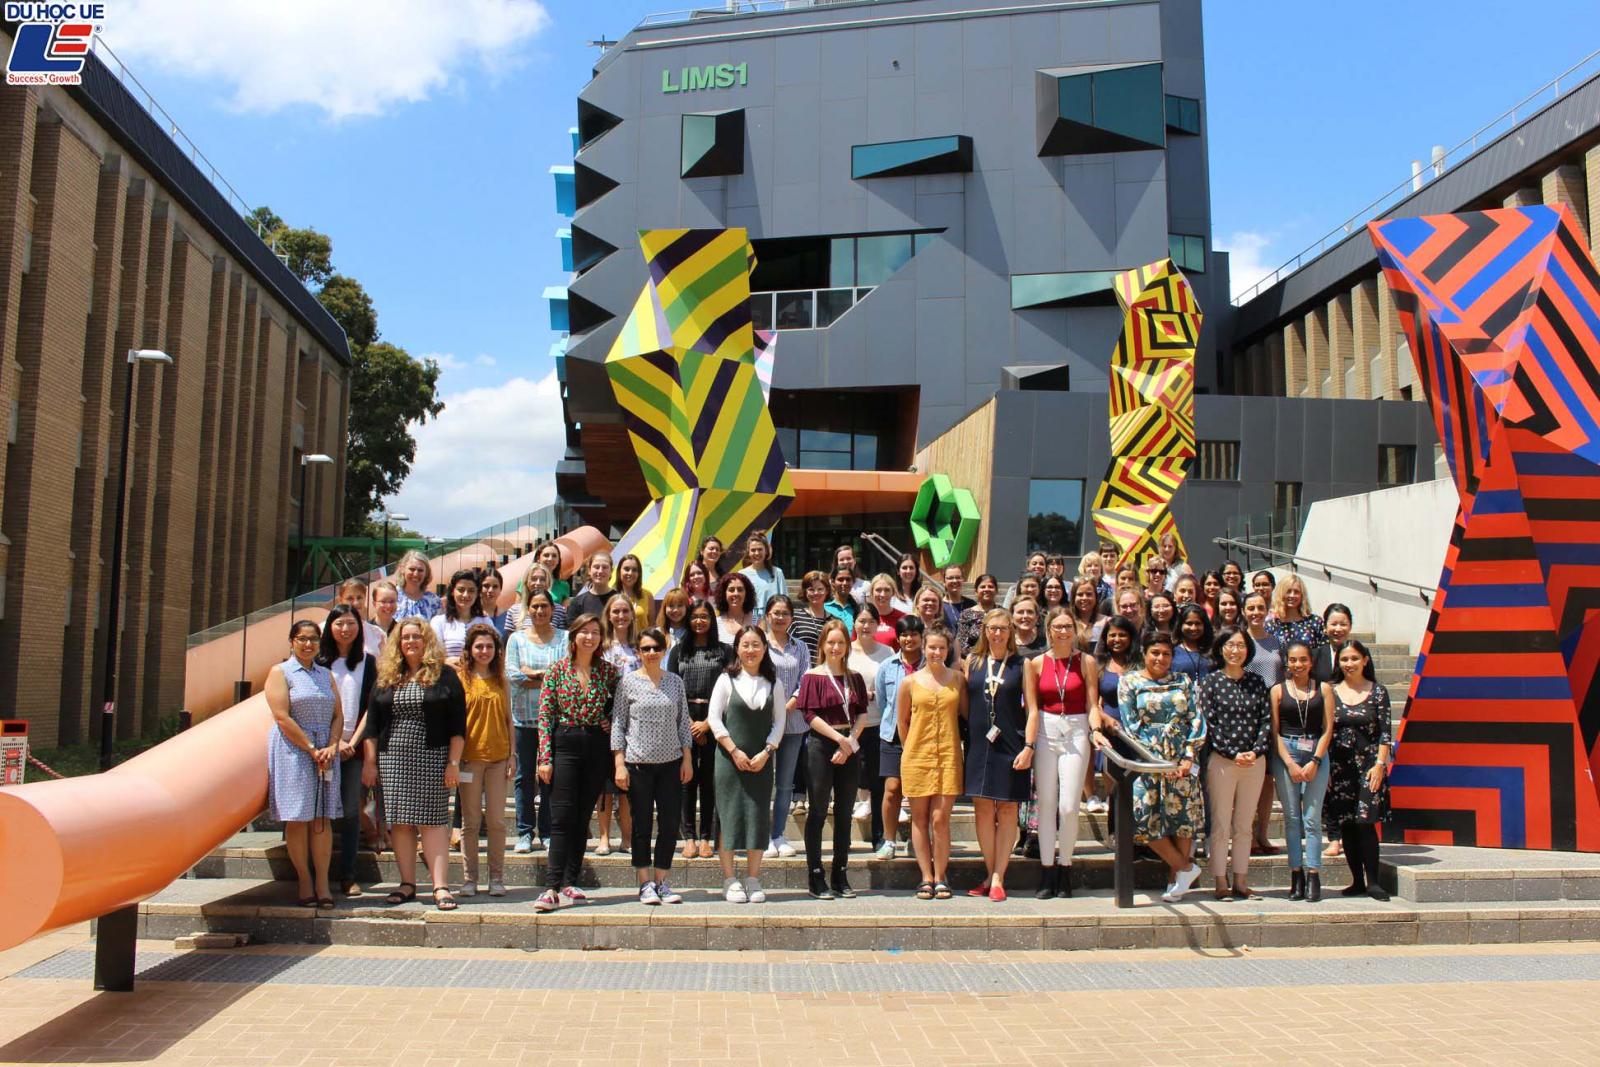 Săn học bổng hấp dẫn tại La Trobe University Australia - Ngôi trường đào tạo giáo dục top 1.1% thế giới tại Úc